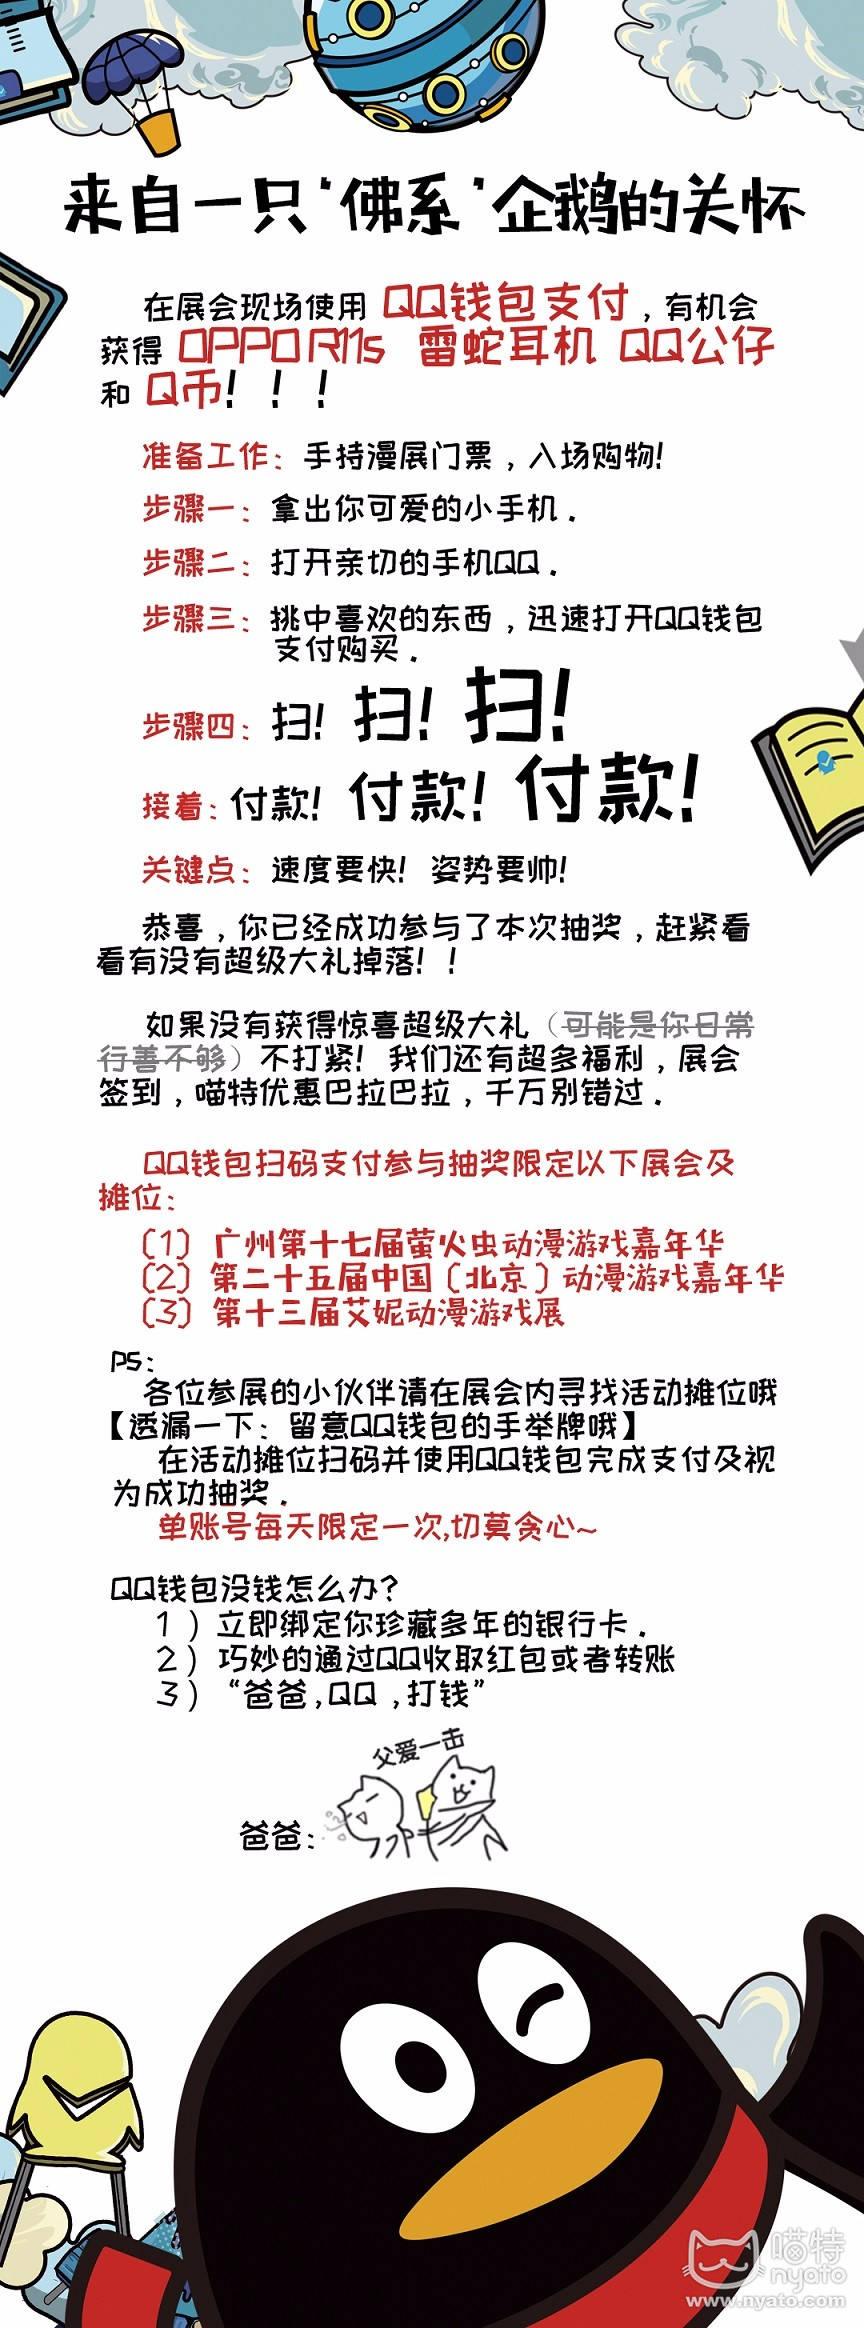 QQ钱包线上宣传推广 拷贝11终.jpg